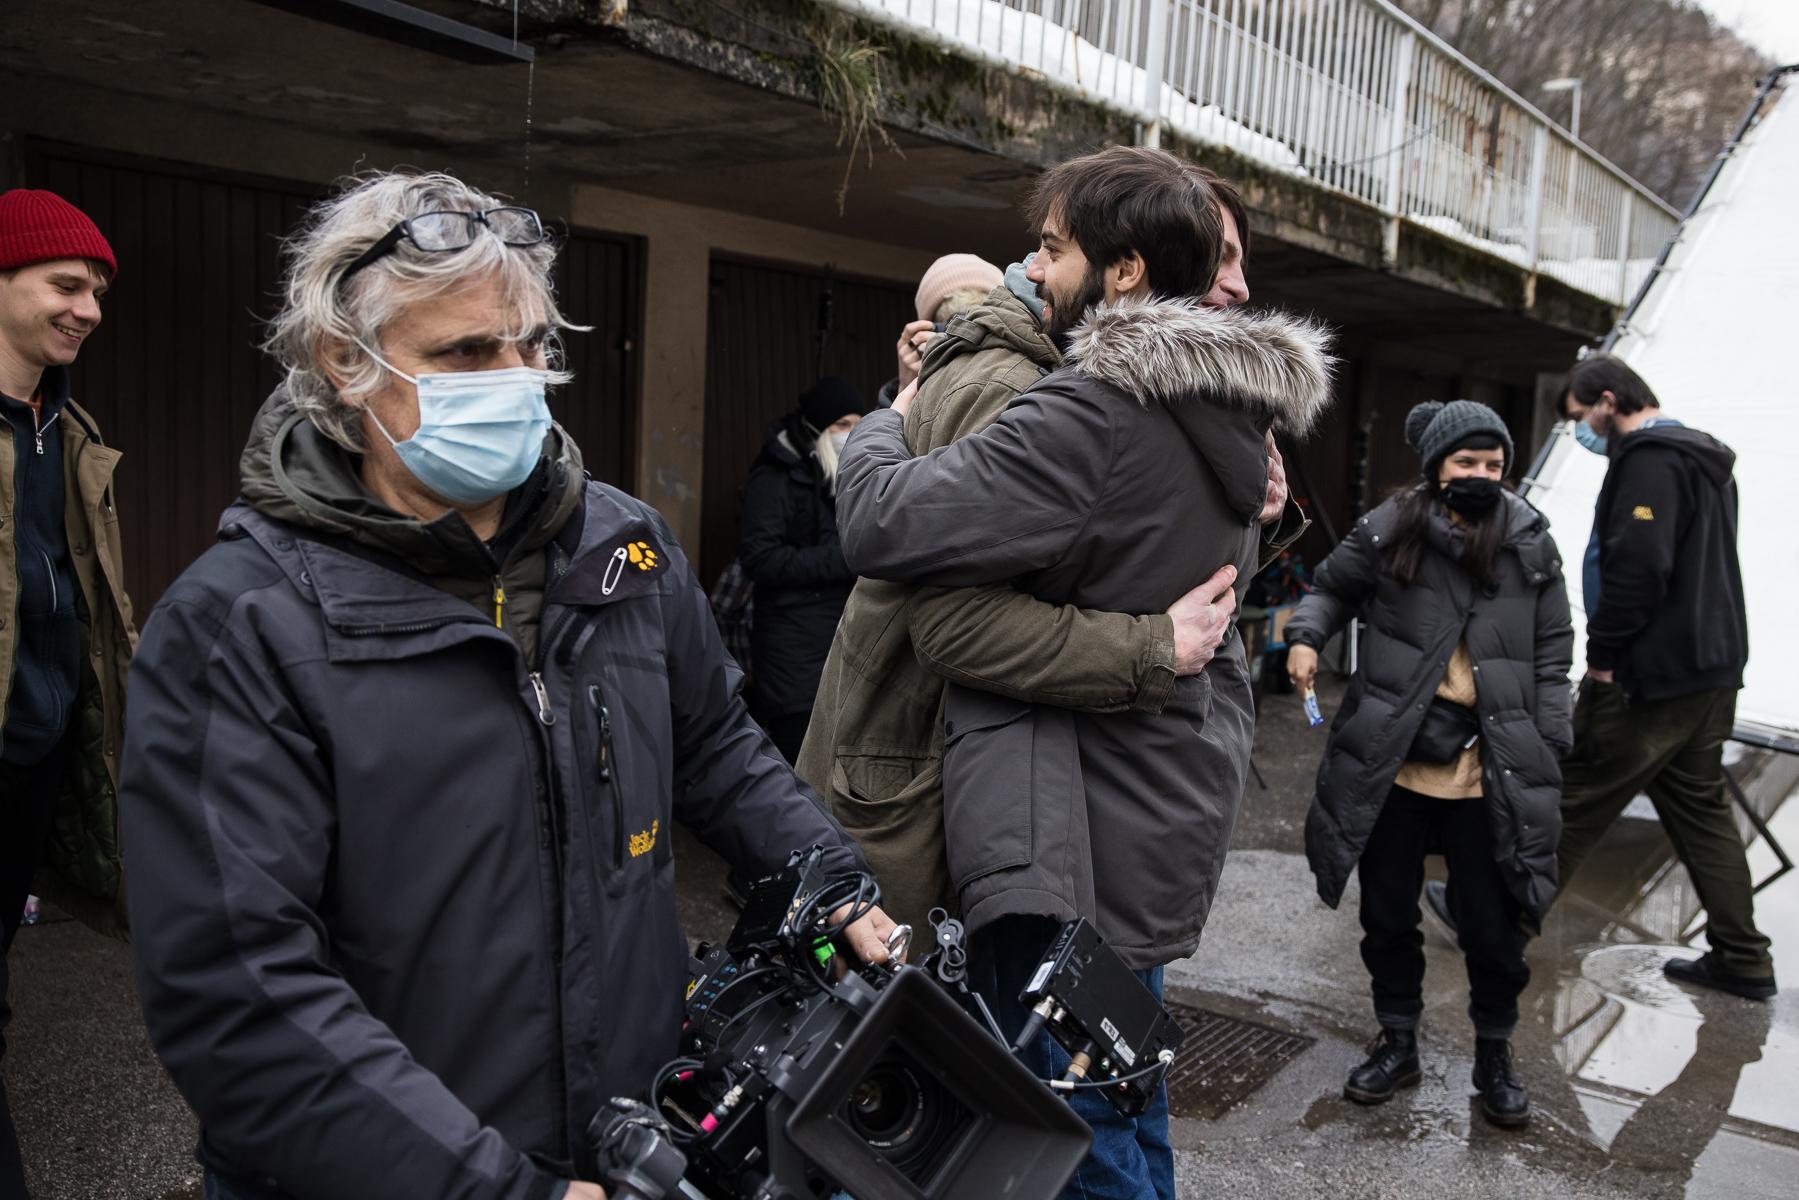 Actors Benjamin Krnetić and Jure Henigman embrace after Krnetić's final take for the film Wake Me.